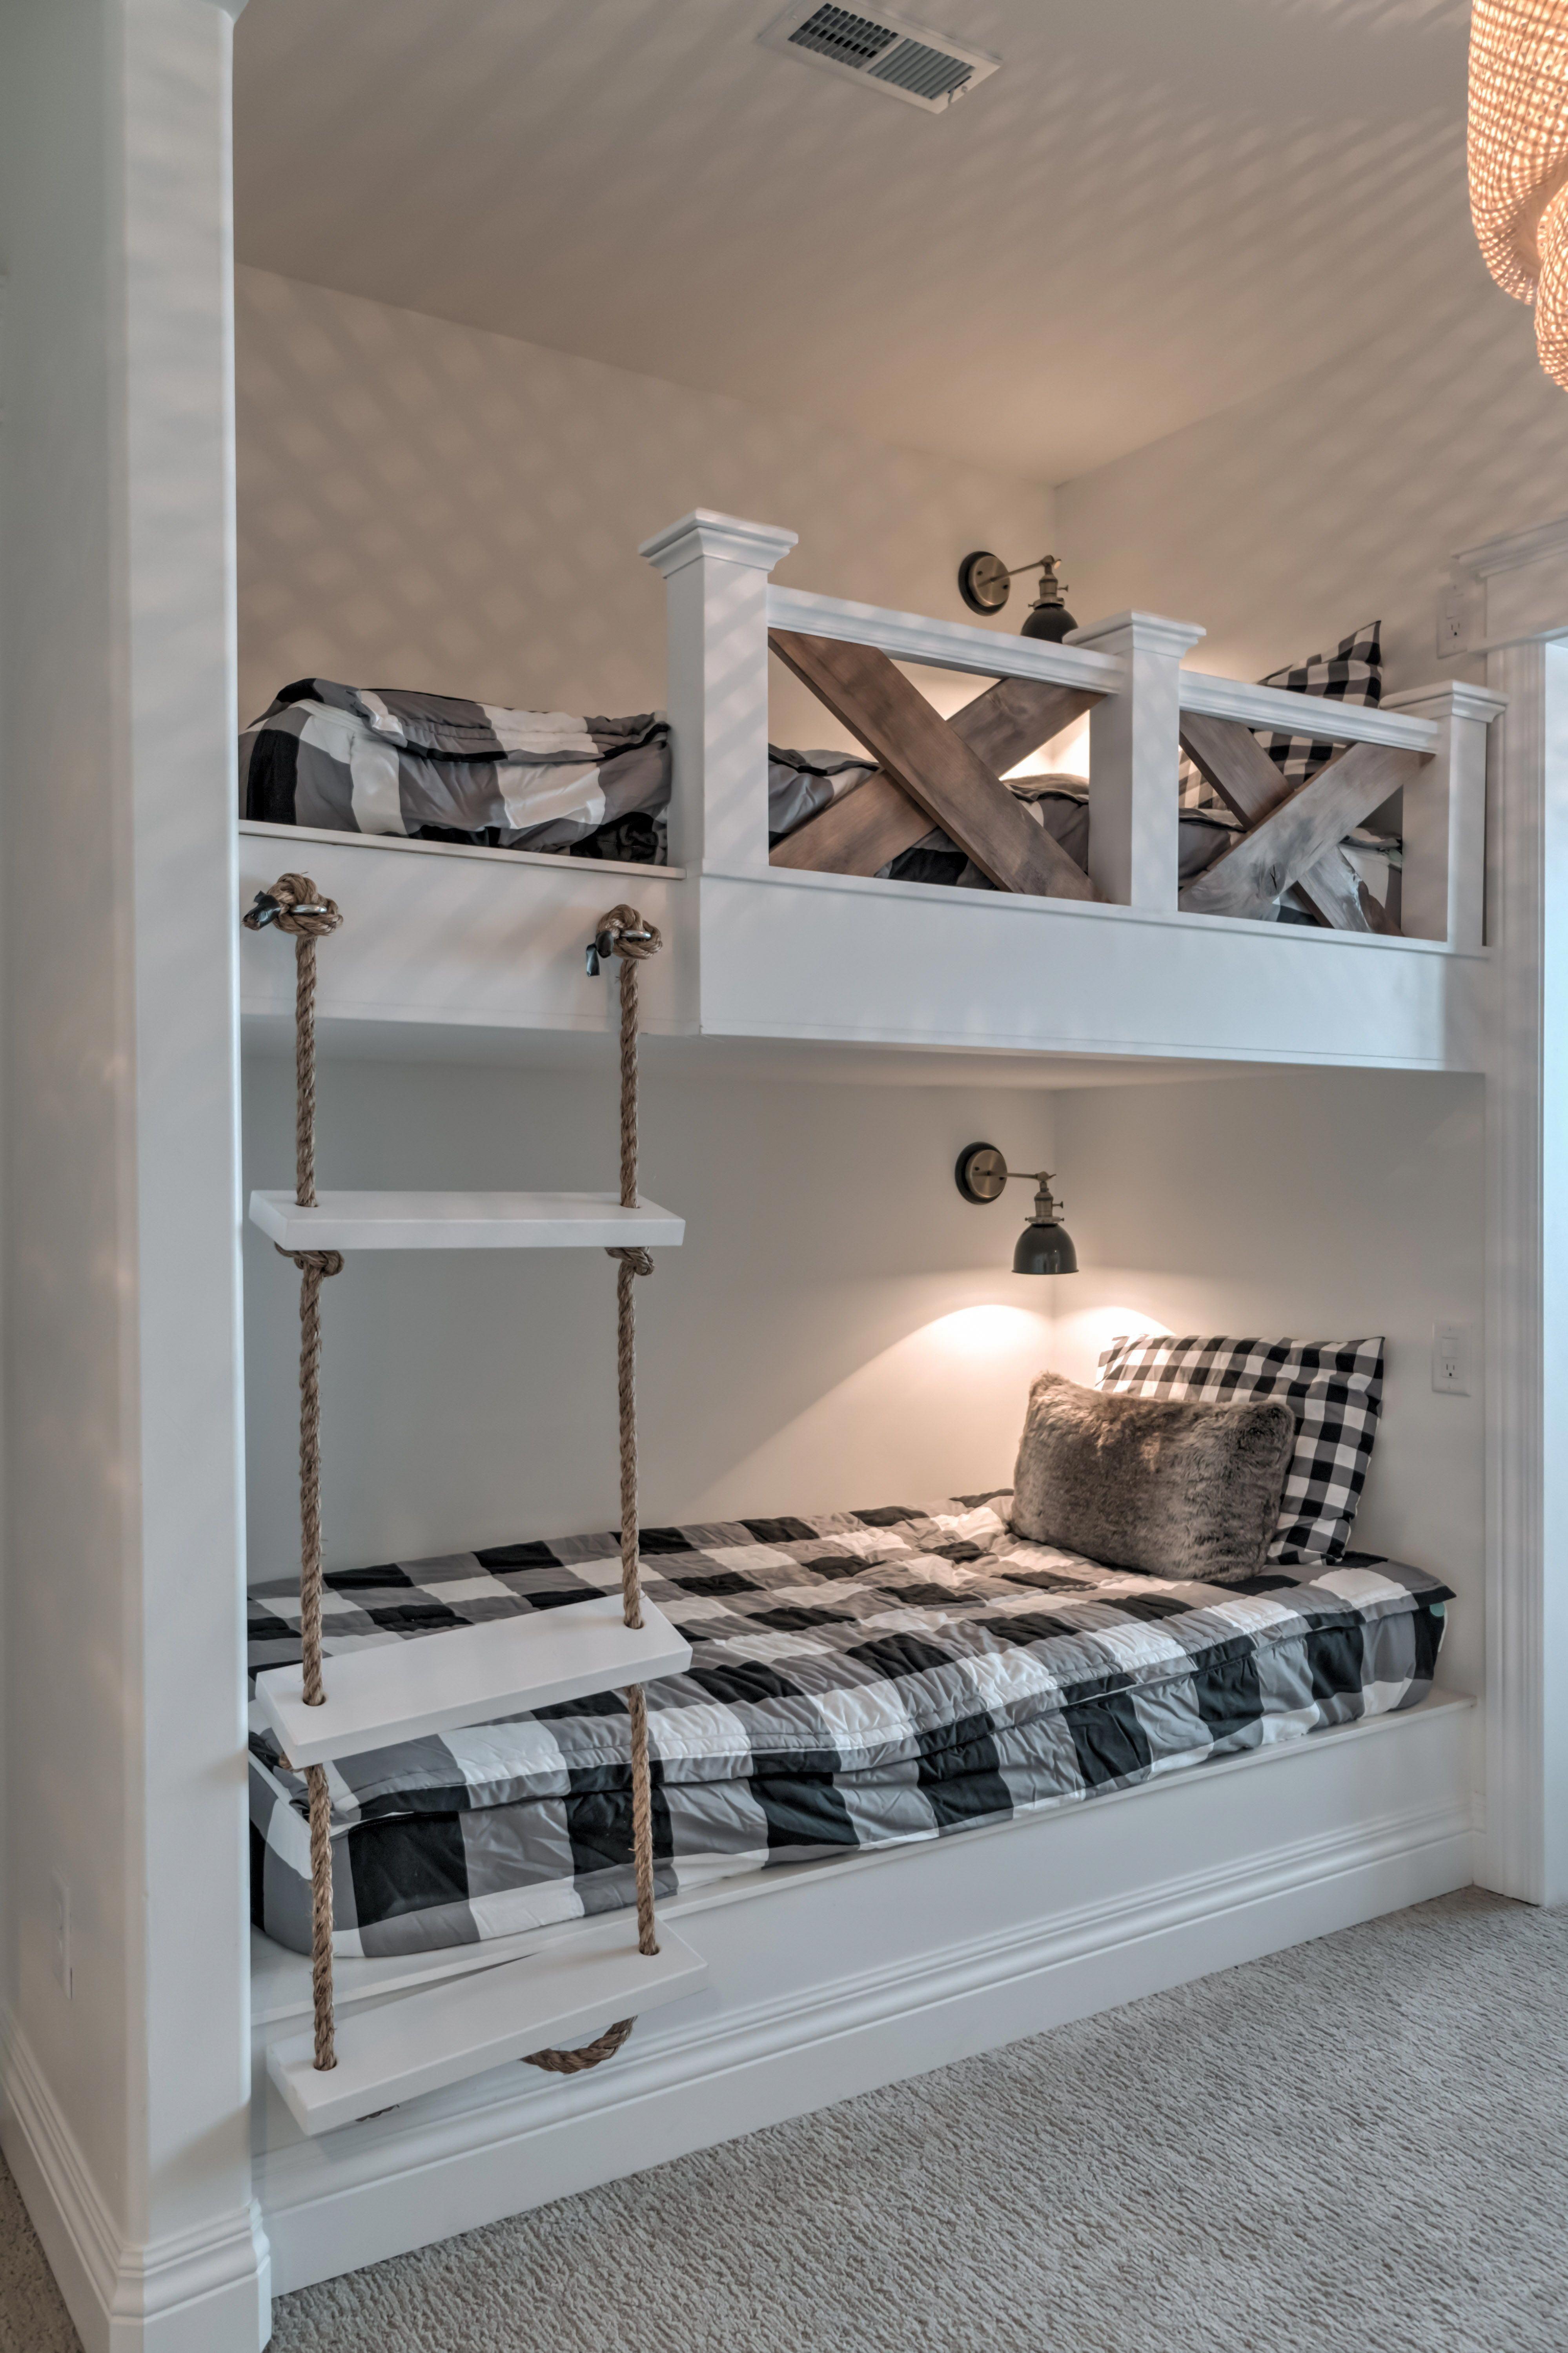 Bunk Bed Queen Over Queen Bunk Bed Tray For Top Bunk